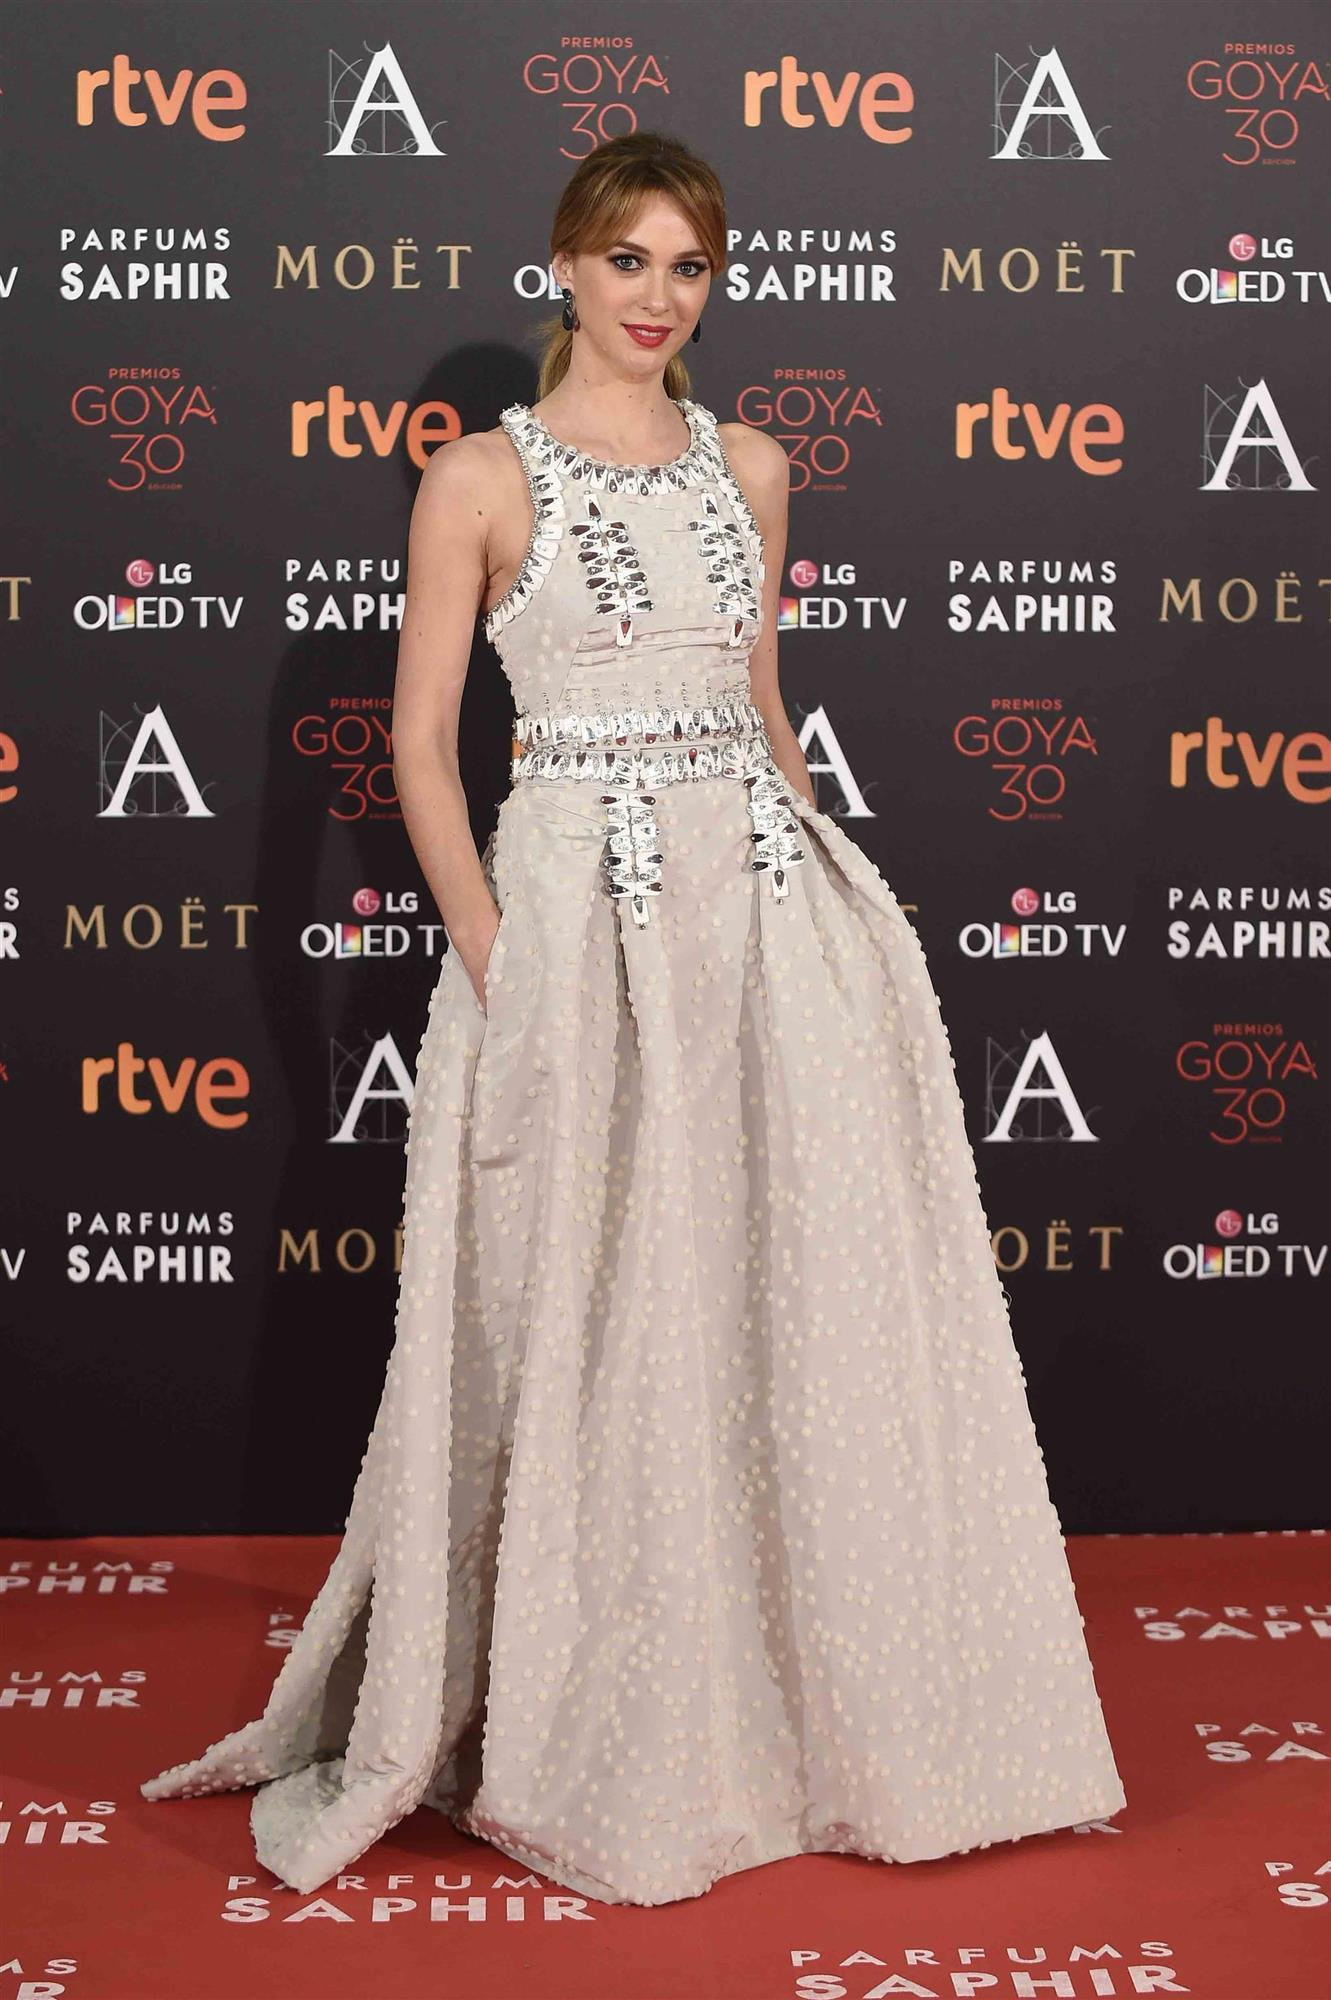 Marta Hazas 2016 Carolina Herrera. Marta Hazas en los premios Goya de 2016 99bfb5bd4c9c